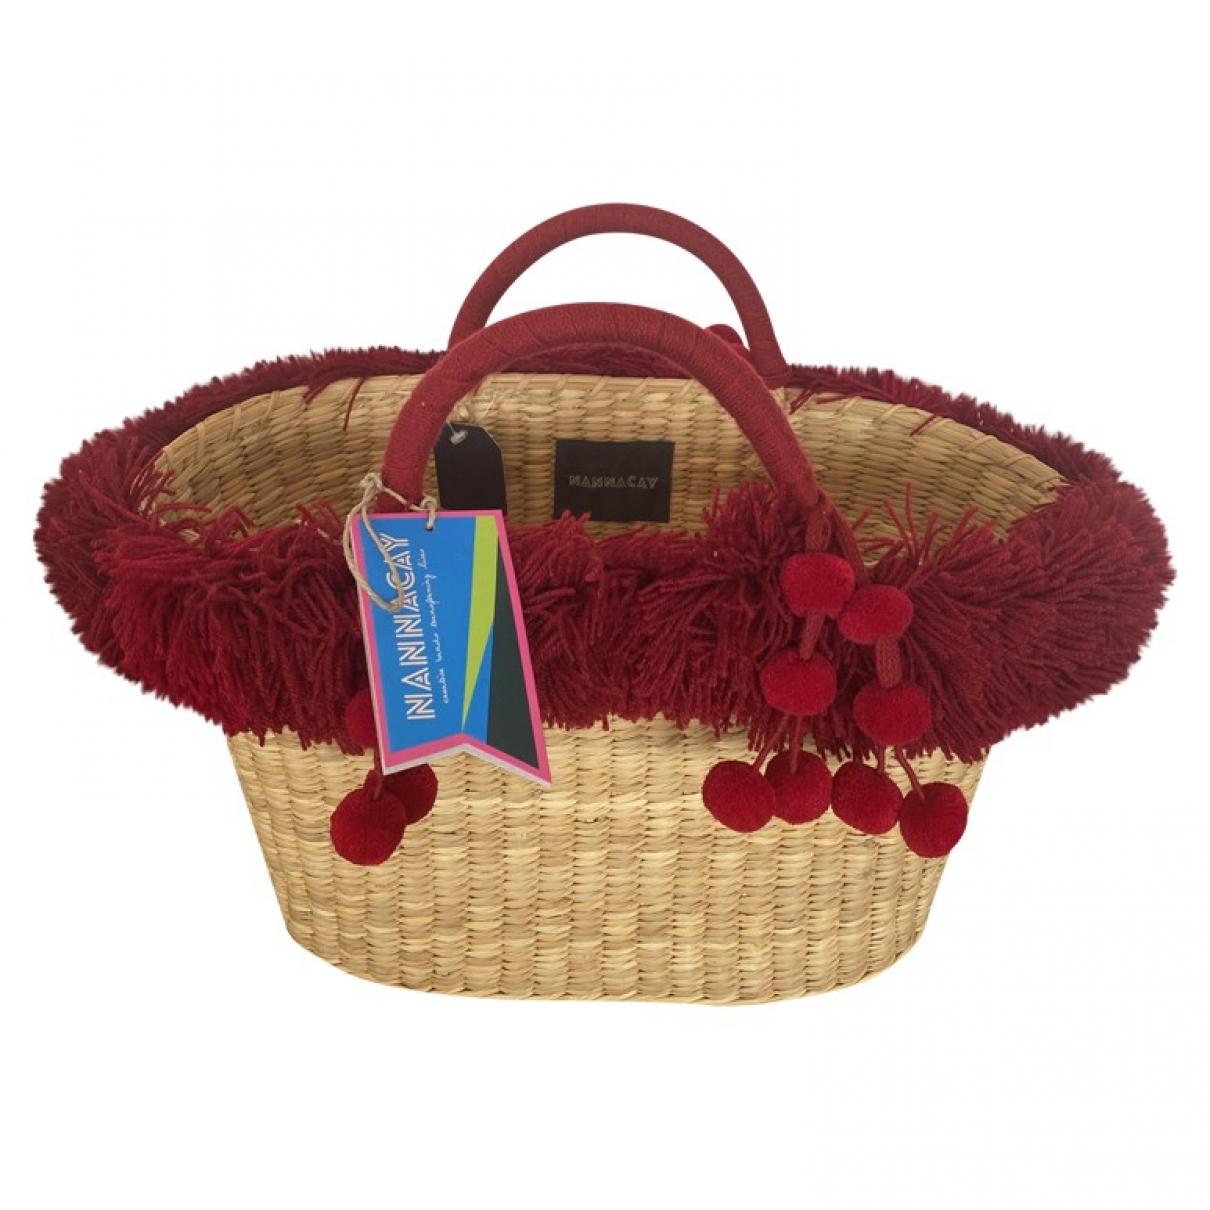 Nannacay \N Handtasche in  Rot Stroh